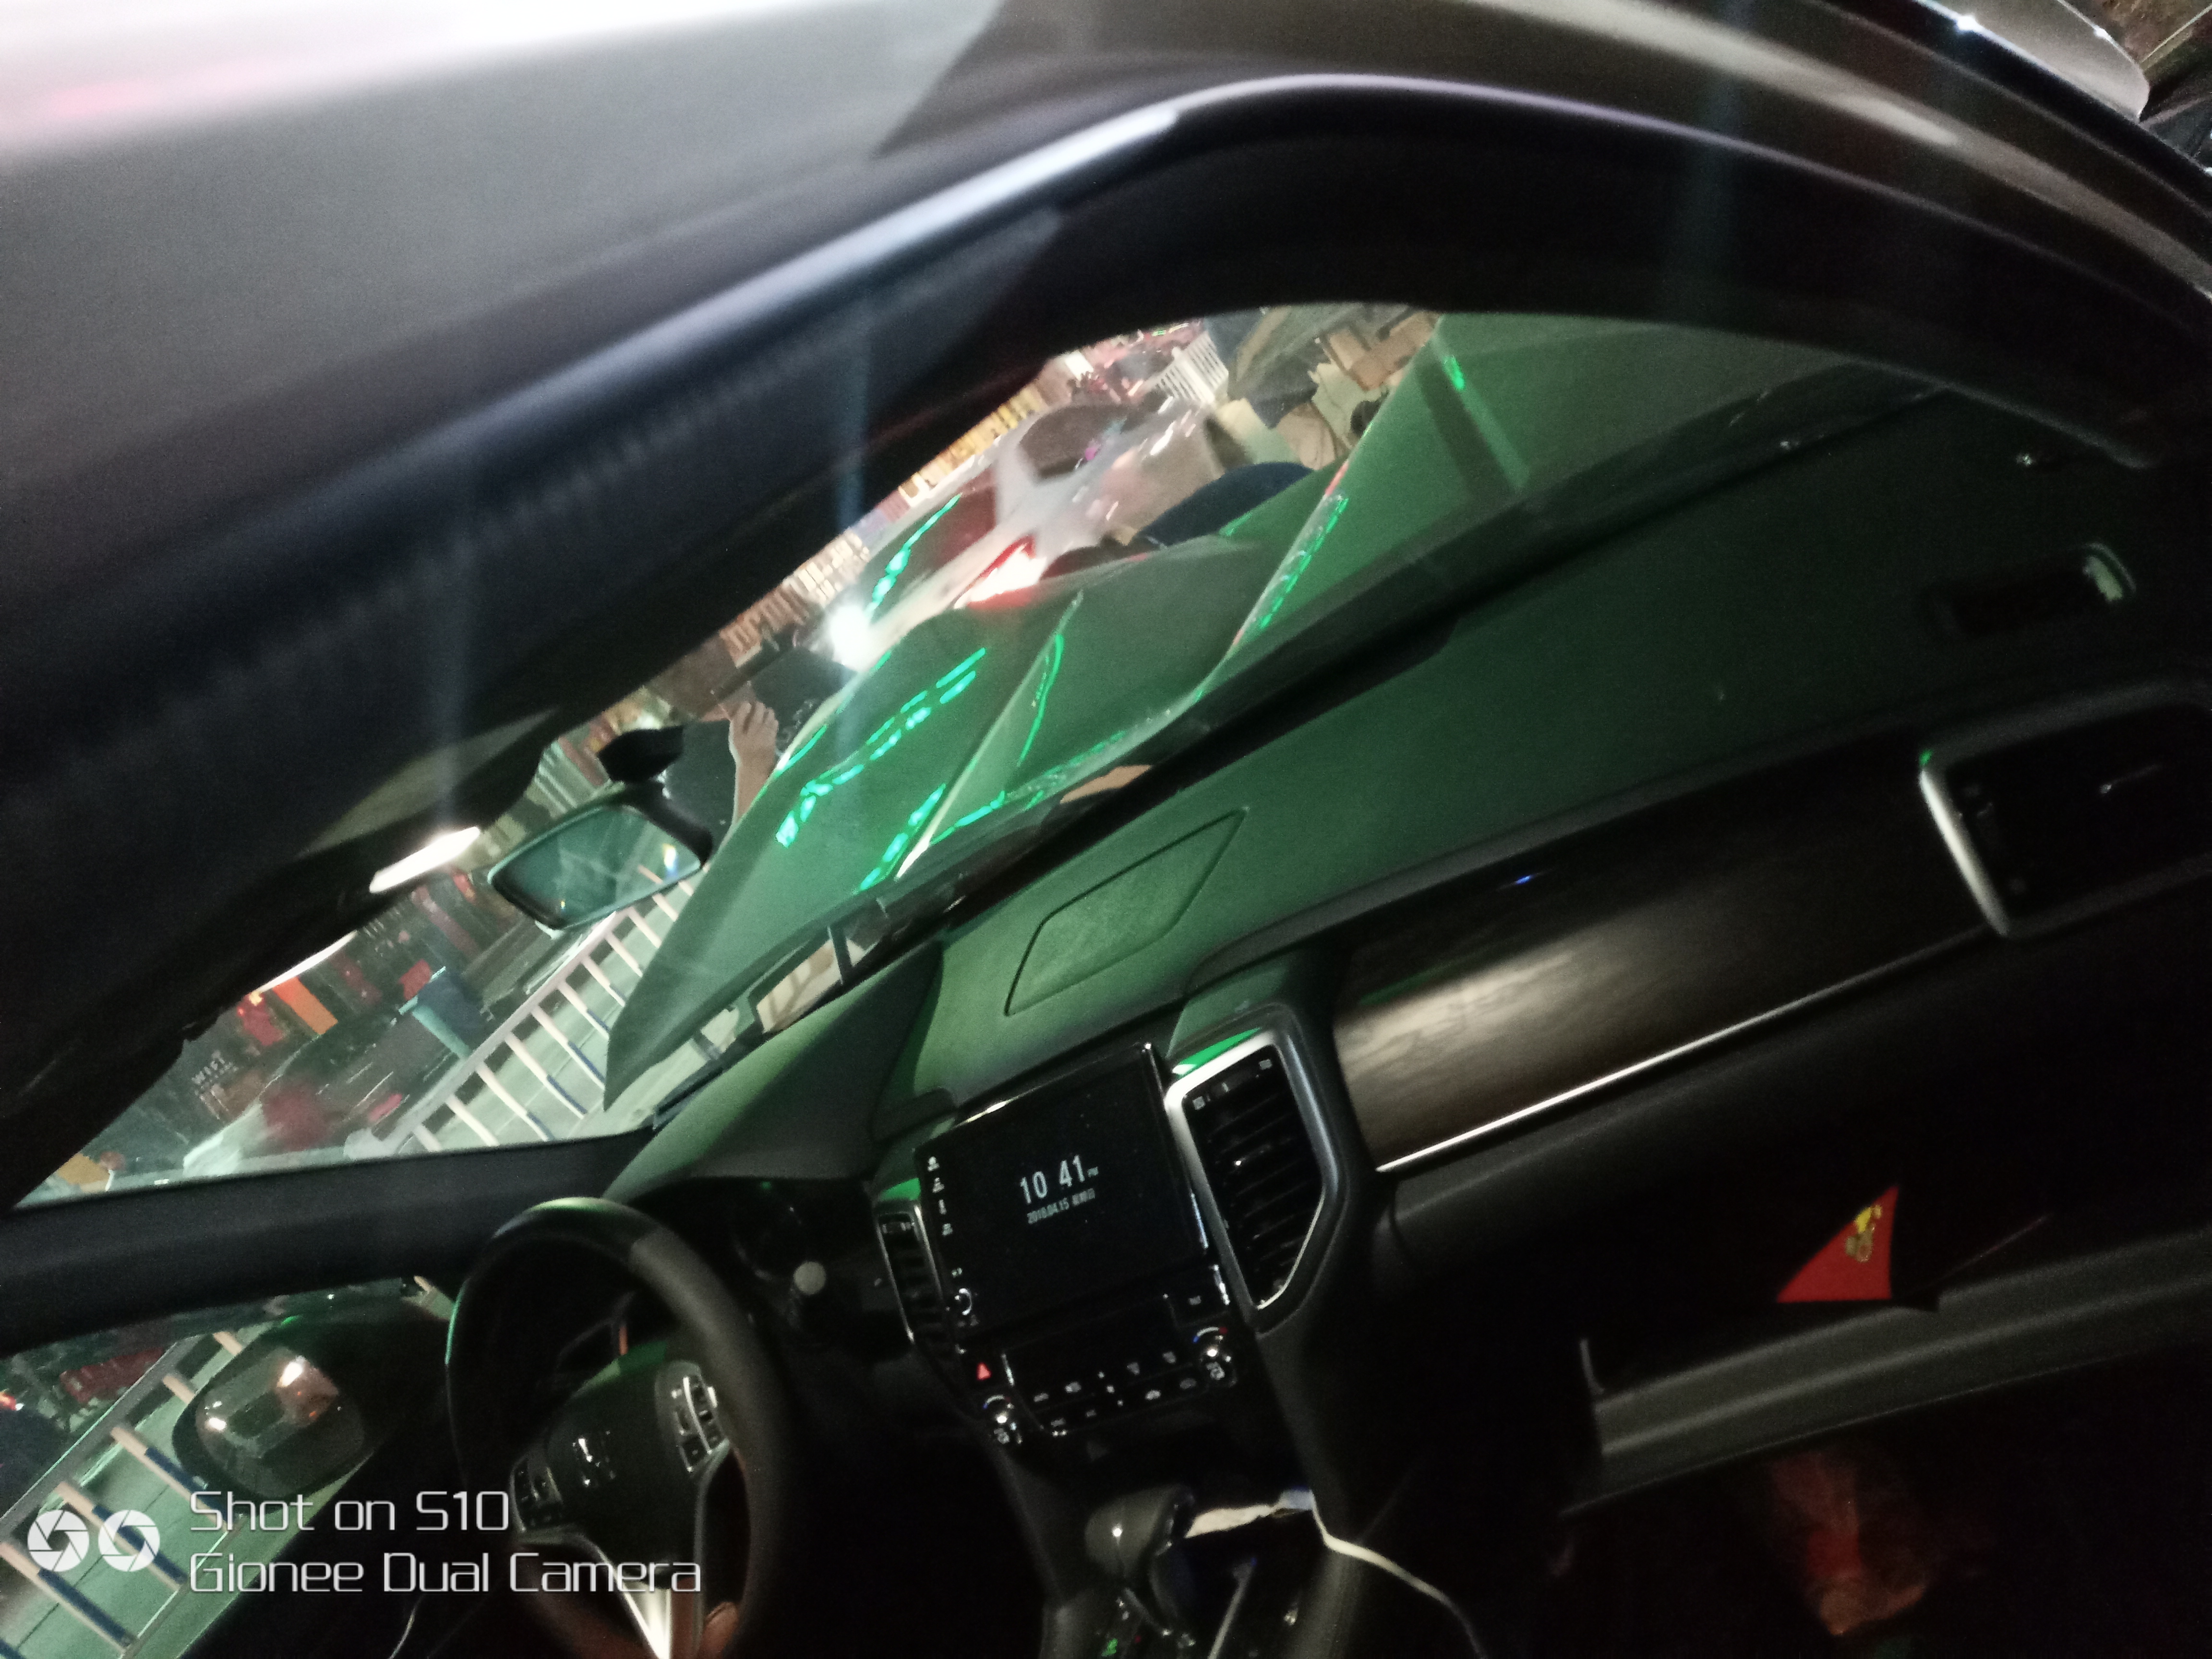 东风本田-本田UR-V 车辆出现事故,安全气囊并未弹出